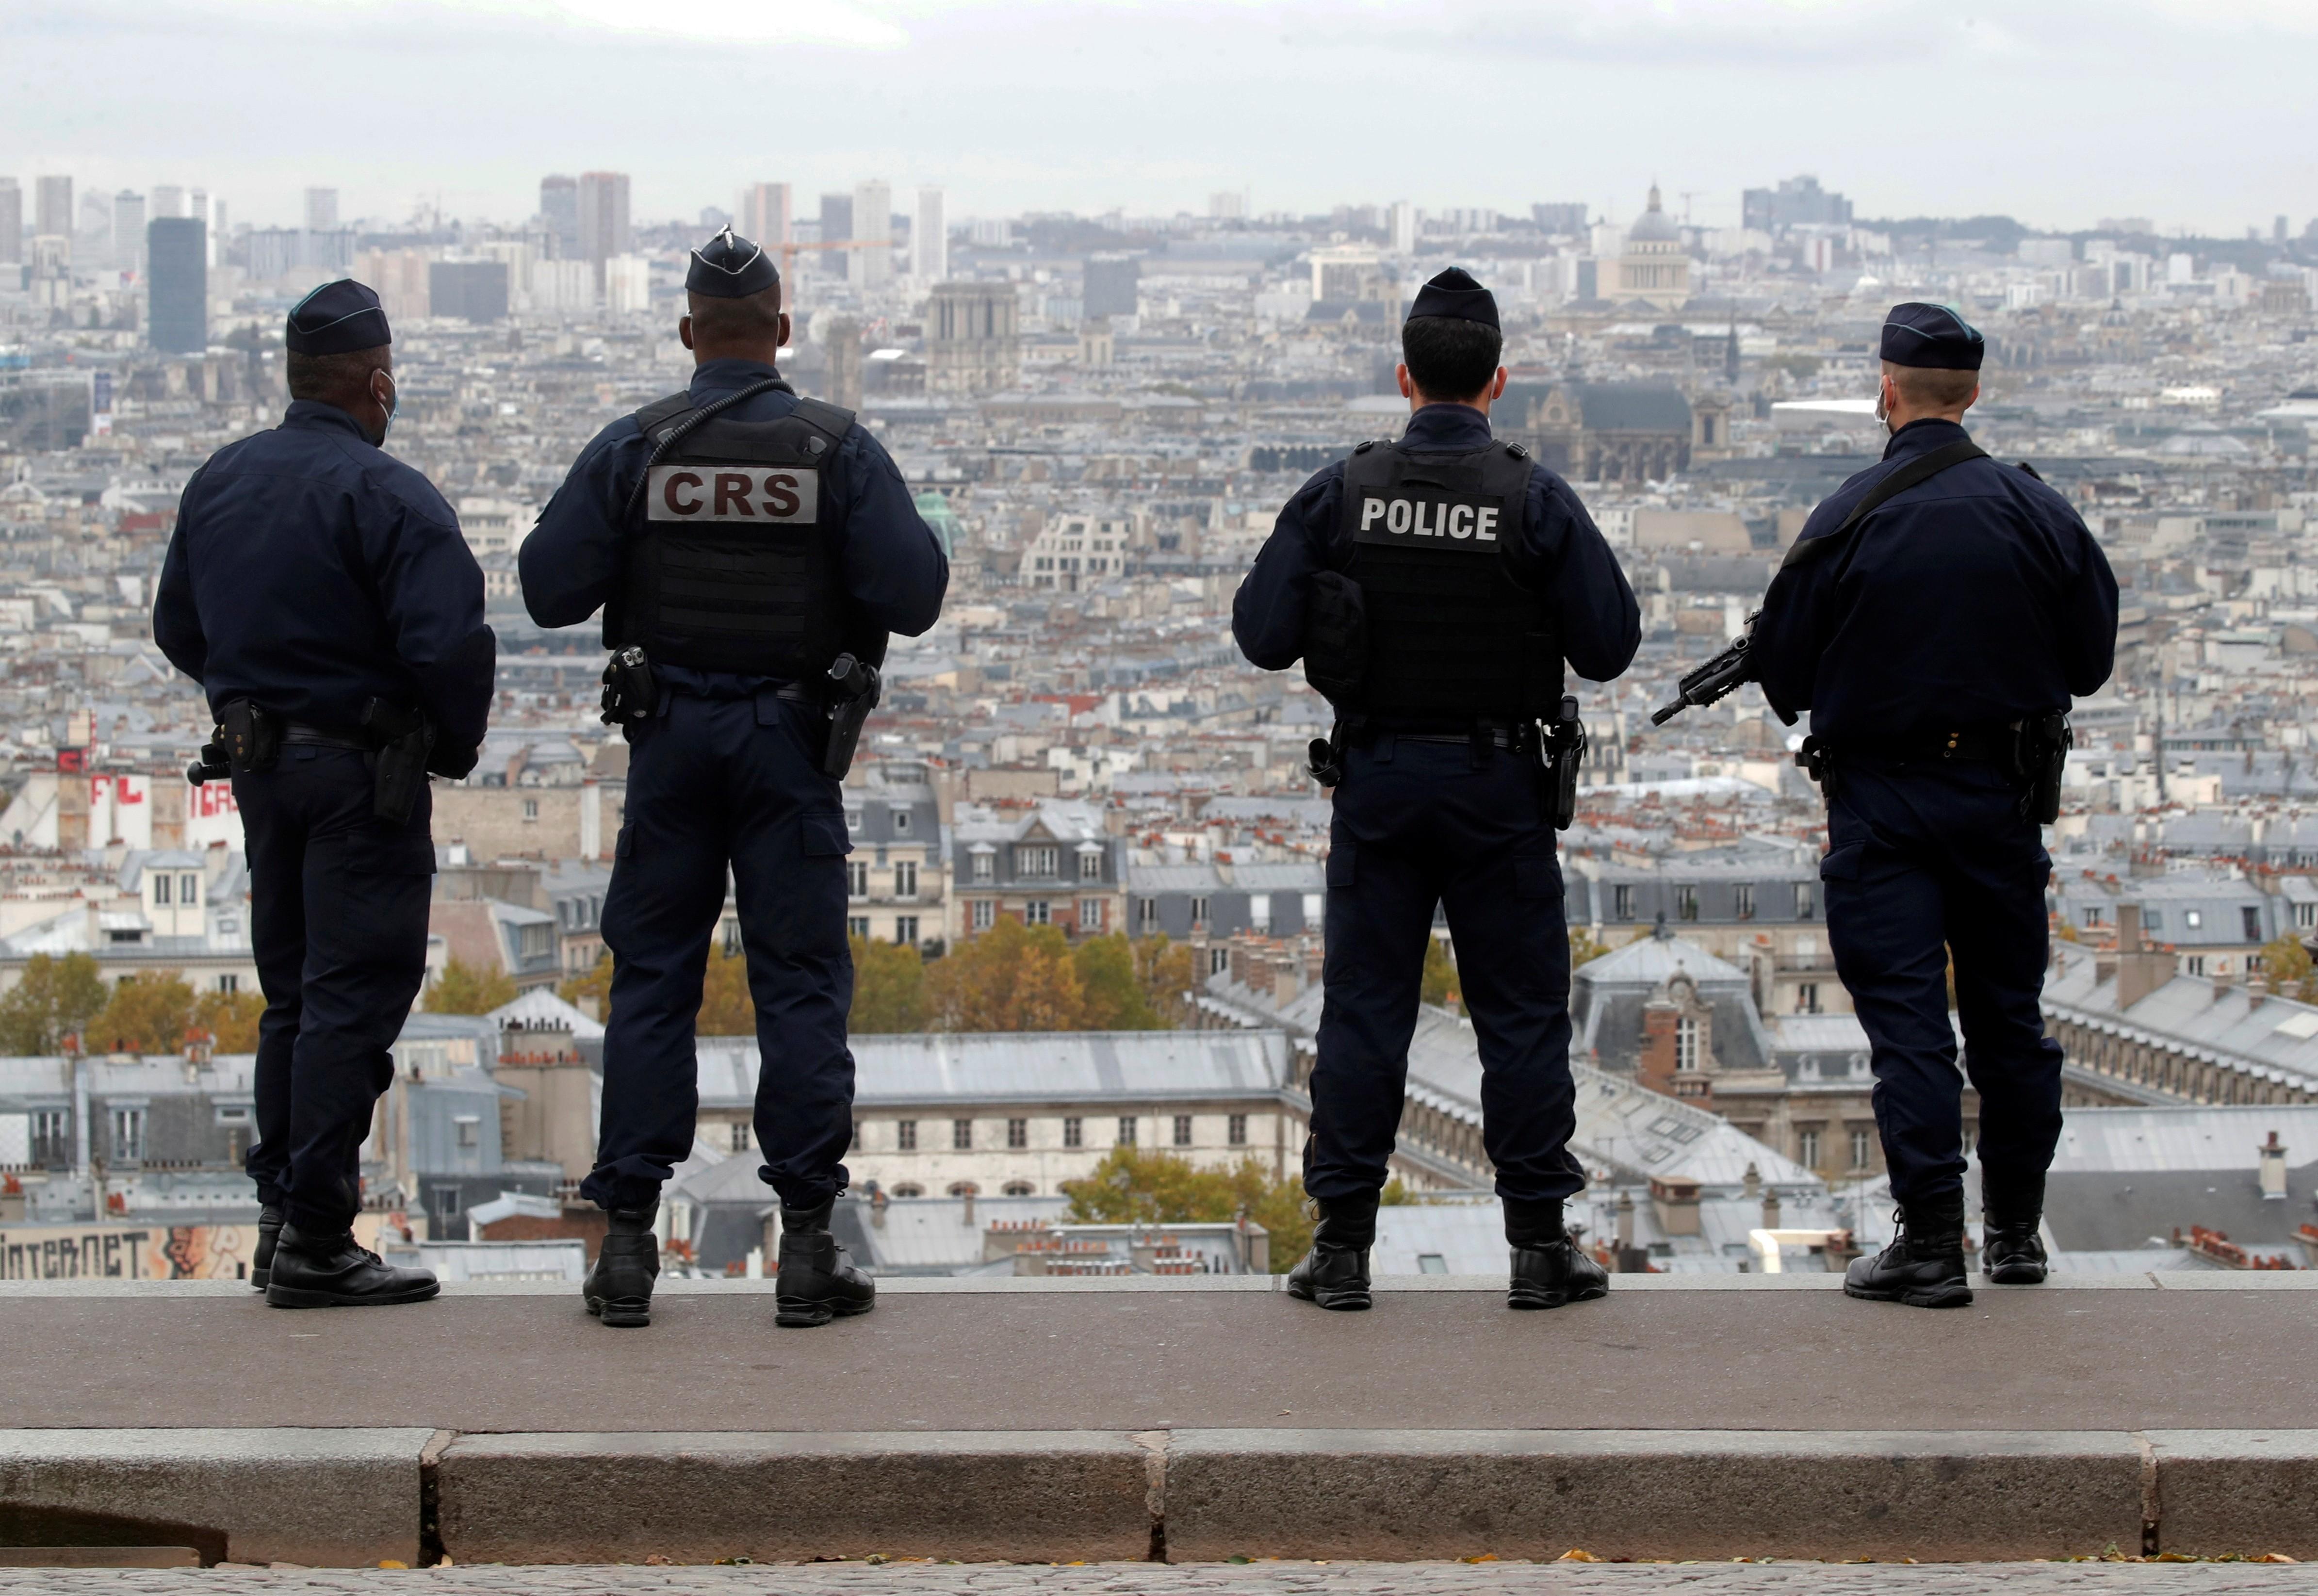 França anuncia reforço militar após atentado em Nice